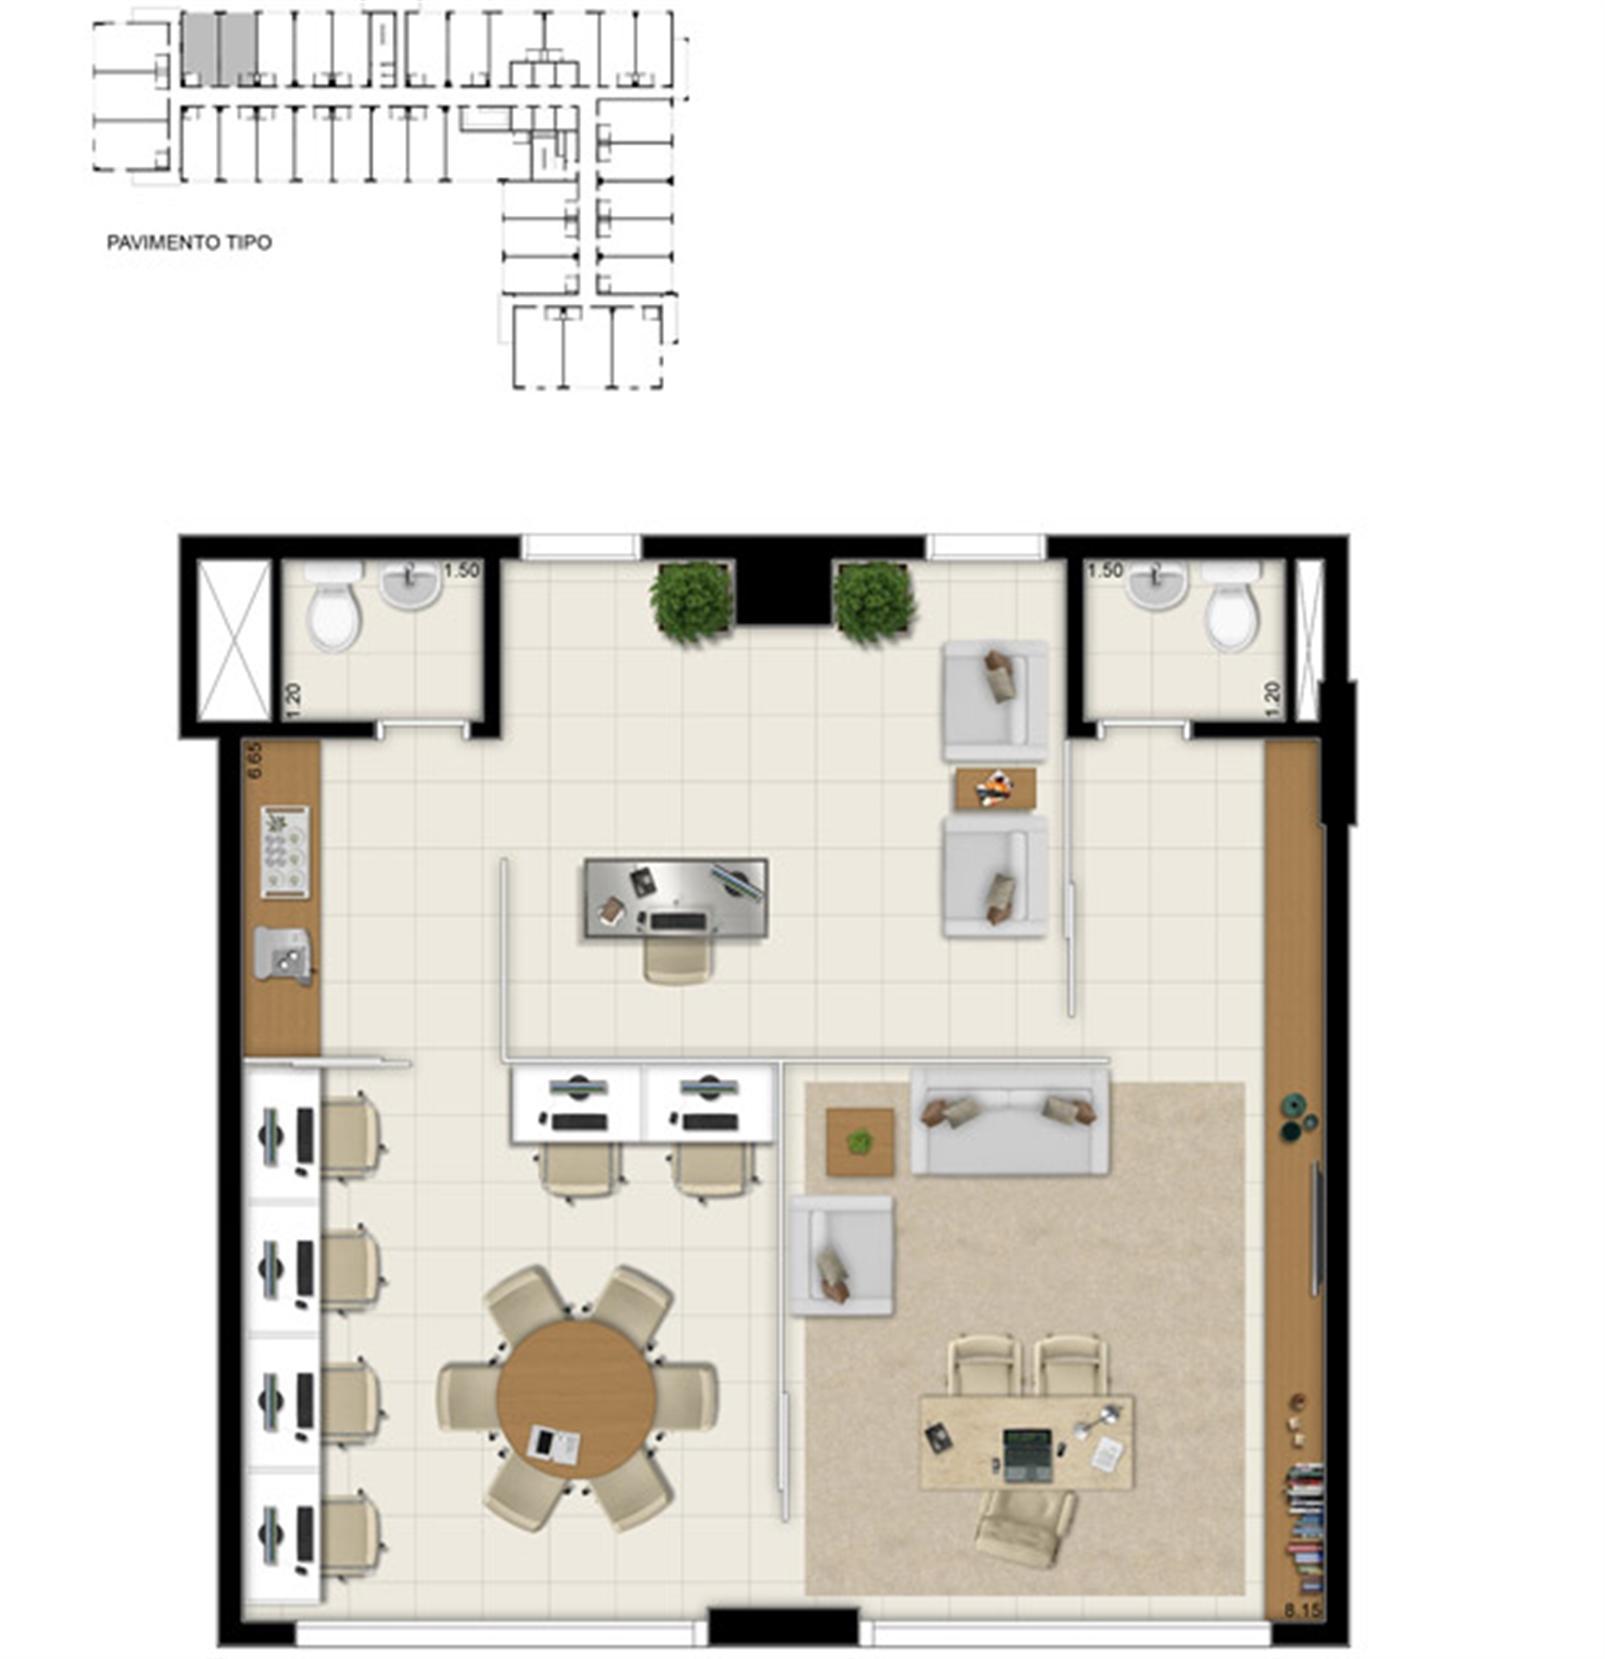 Sala comercial 69,20 m² - Sugestão de junção | Pátio Jardins – Salas Comerciaisem  Altos do Calhau - São Luís - Maranhão